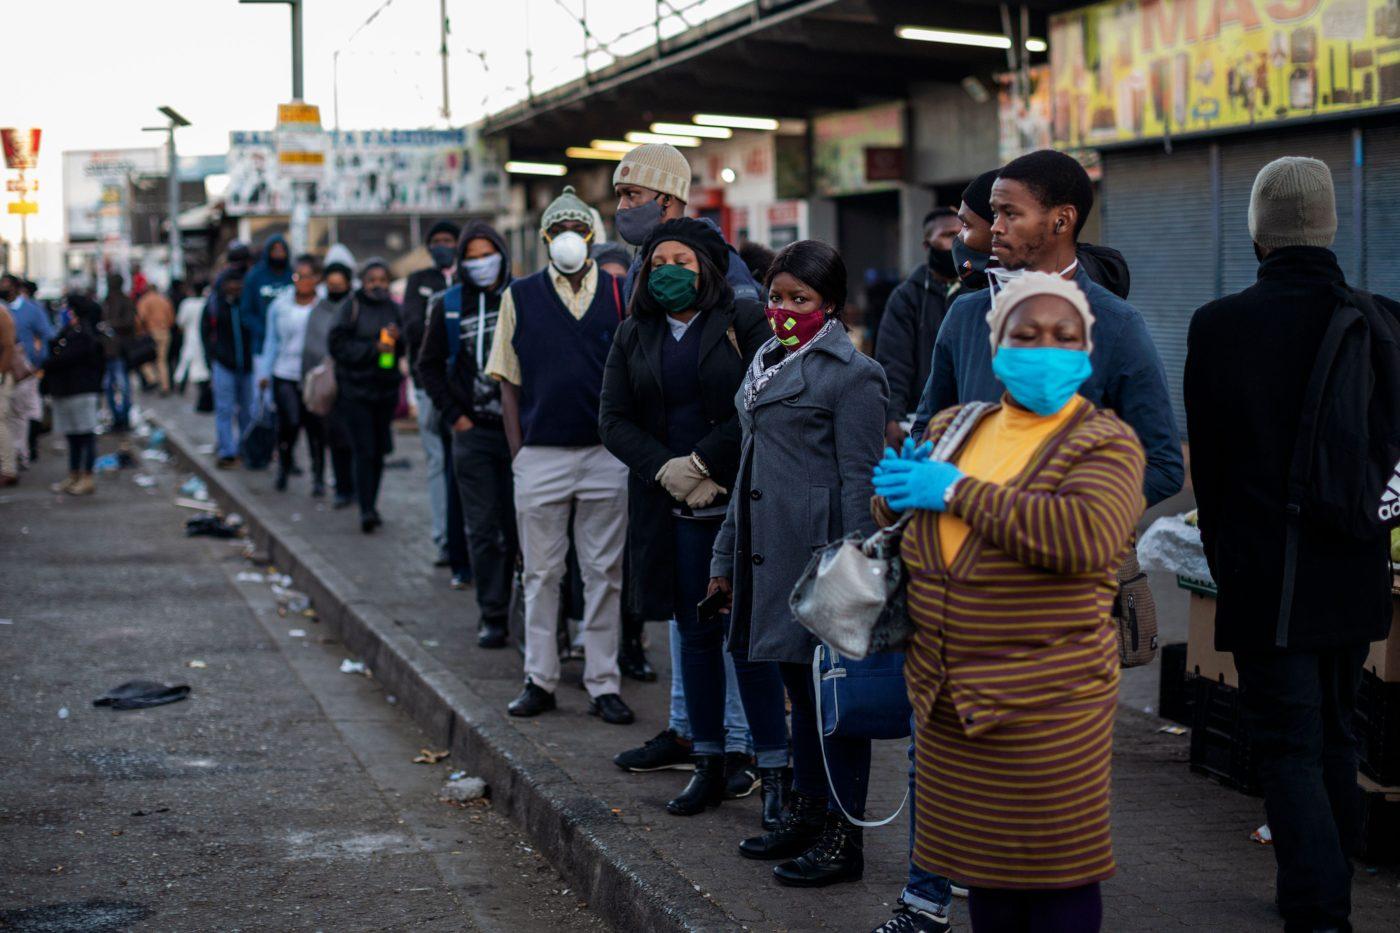 Taksijonossa ihmisiä, joilla maski kasvoillaan.